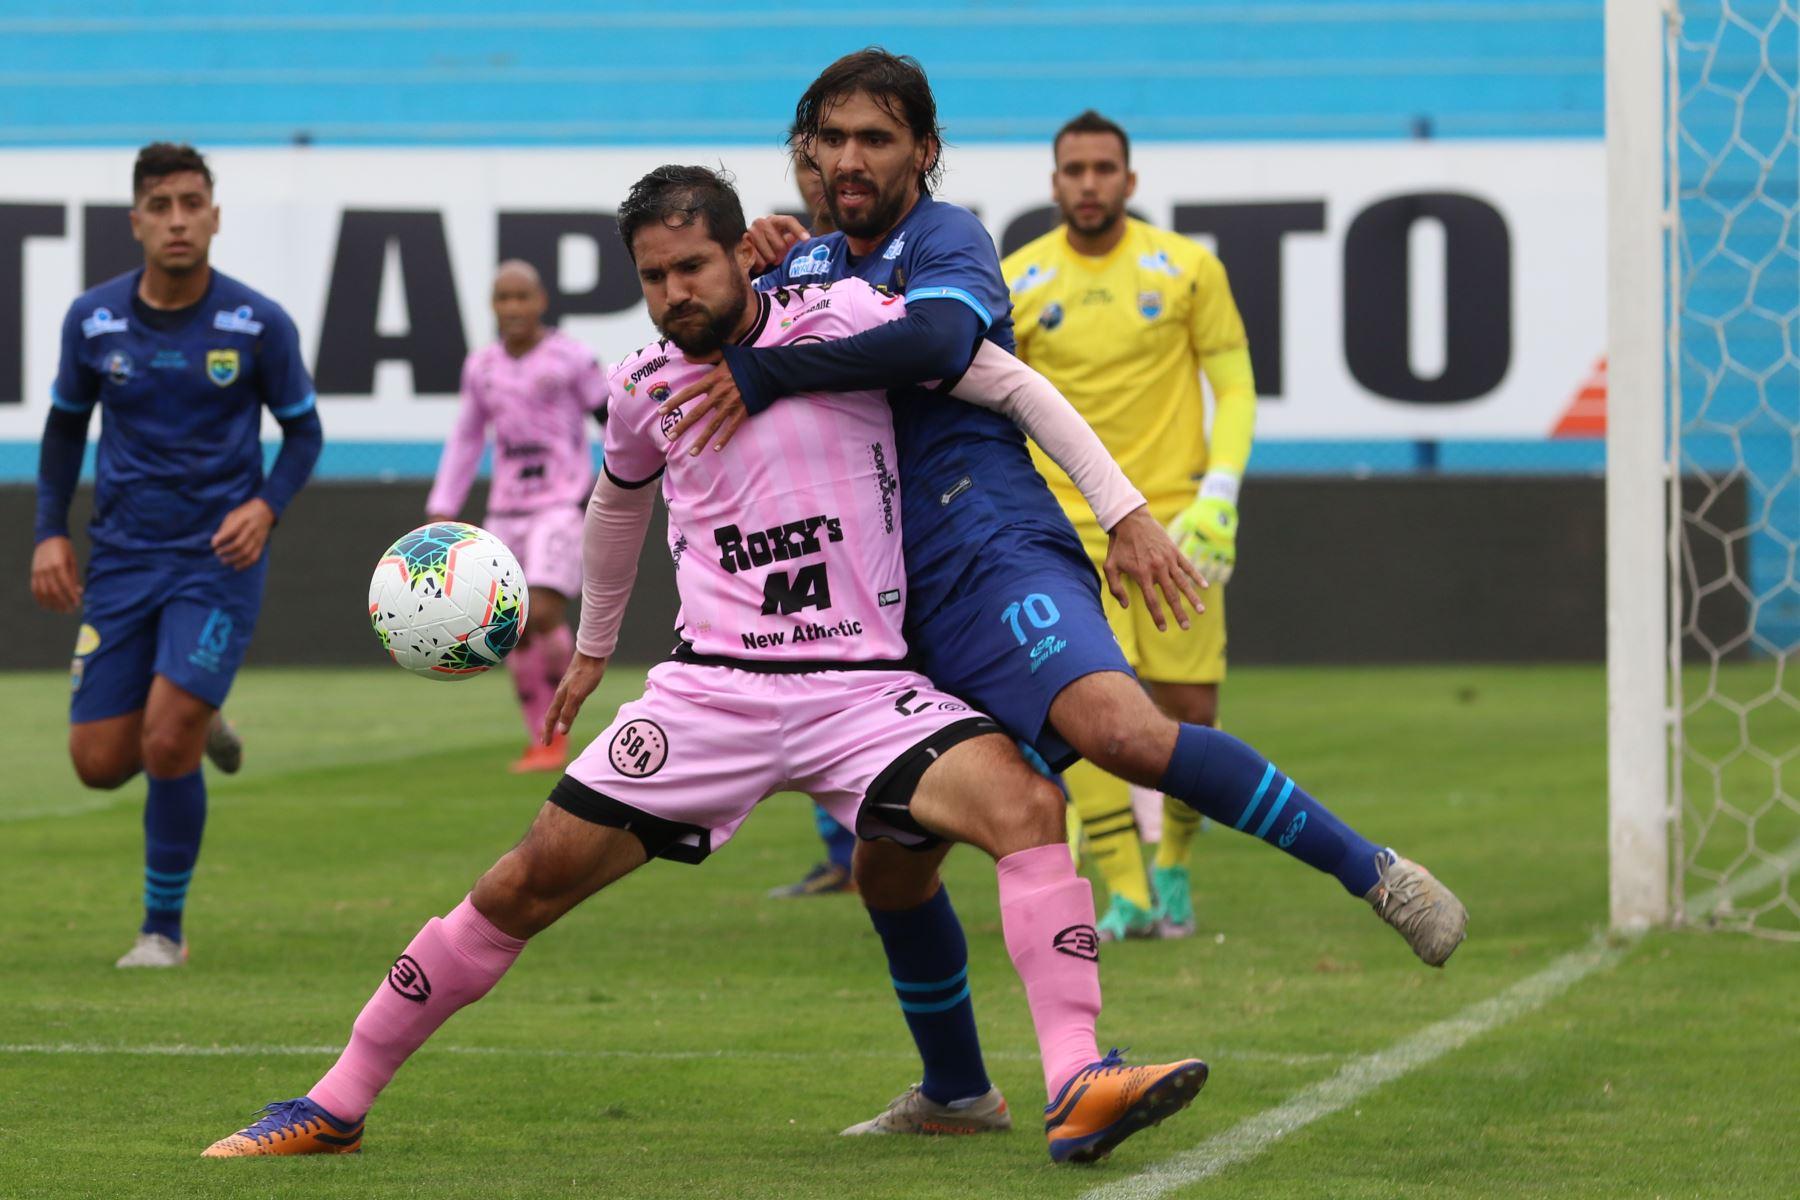 Carlos Stein derrotó 1-0 a Sport Boys que comienza a complicarse | Noticias